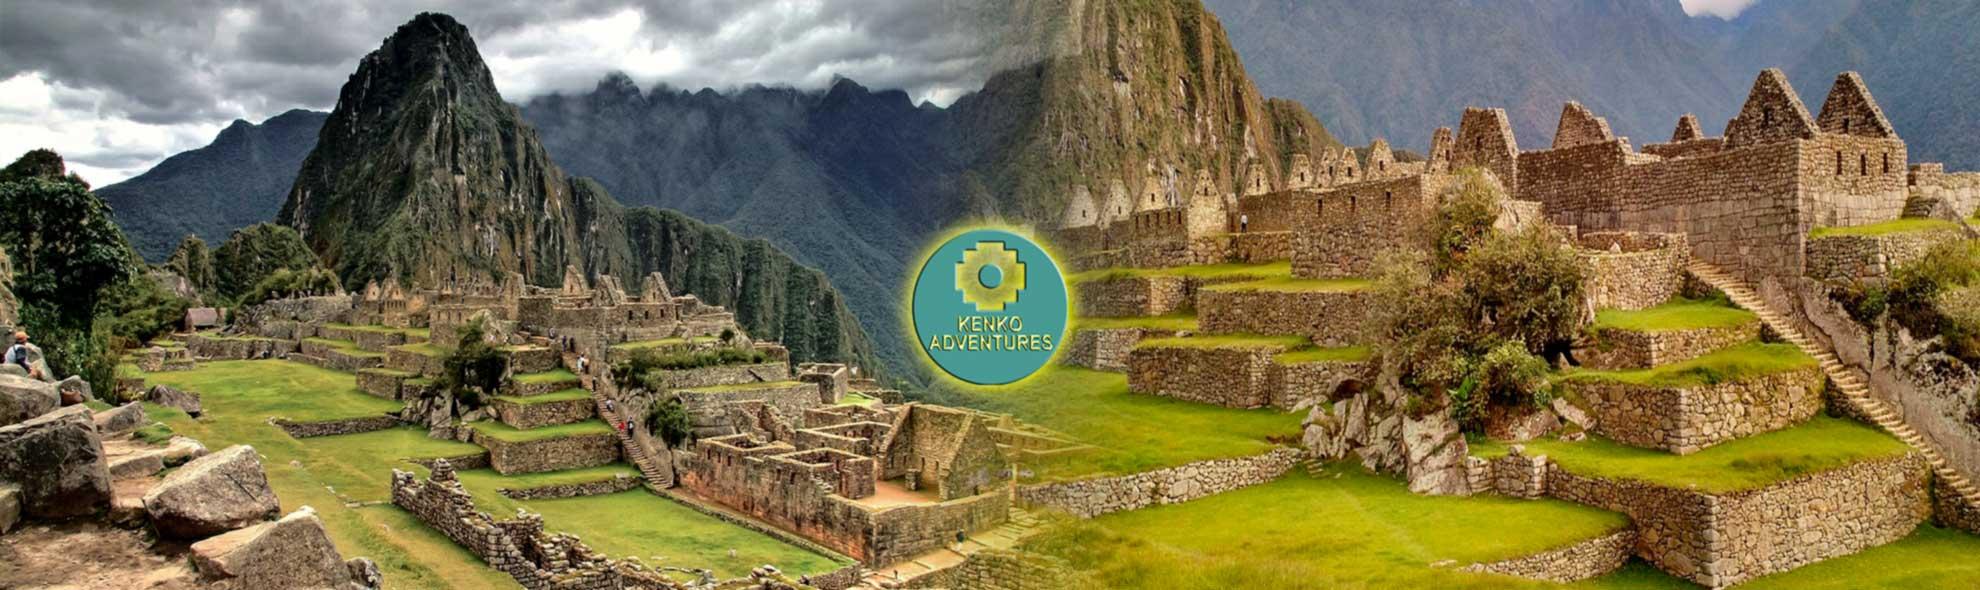 Machu Picchu Permits